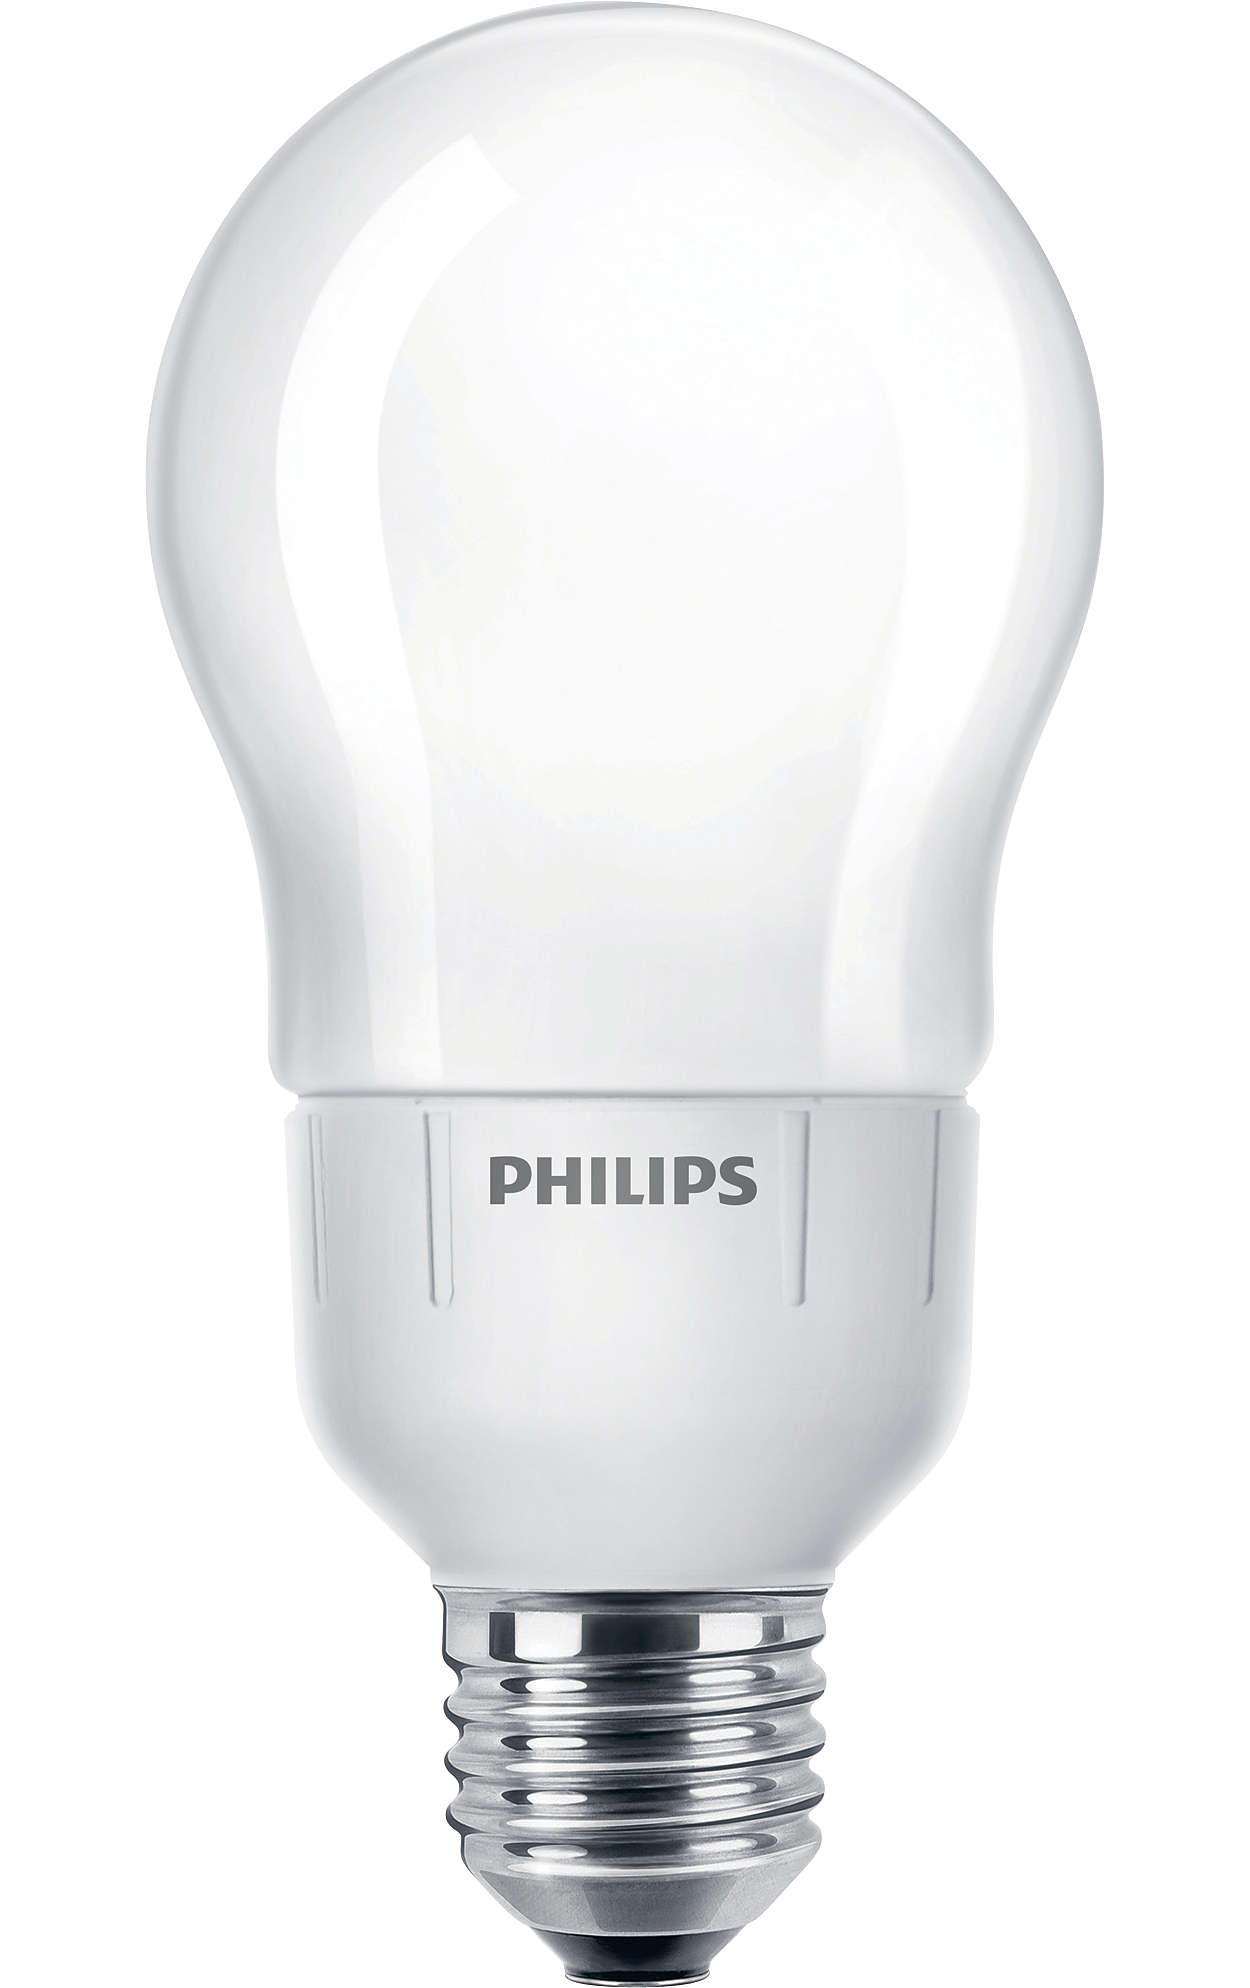 Εξοικονόμηση ενέργειας για επαγγελματικές εφαρμογές